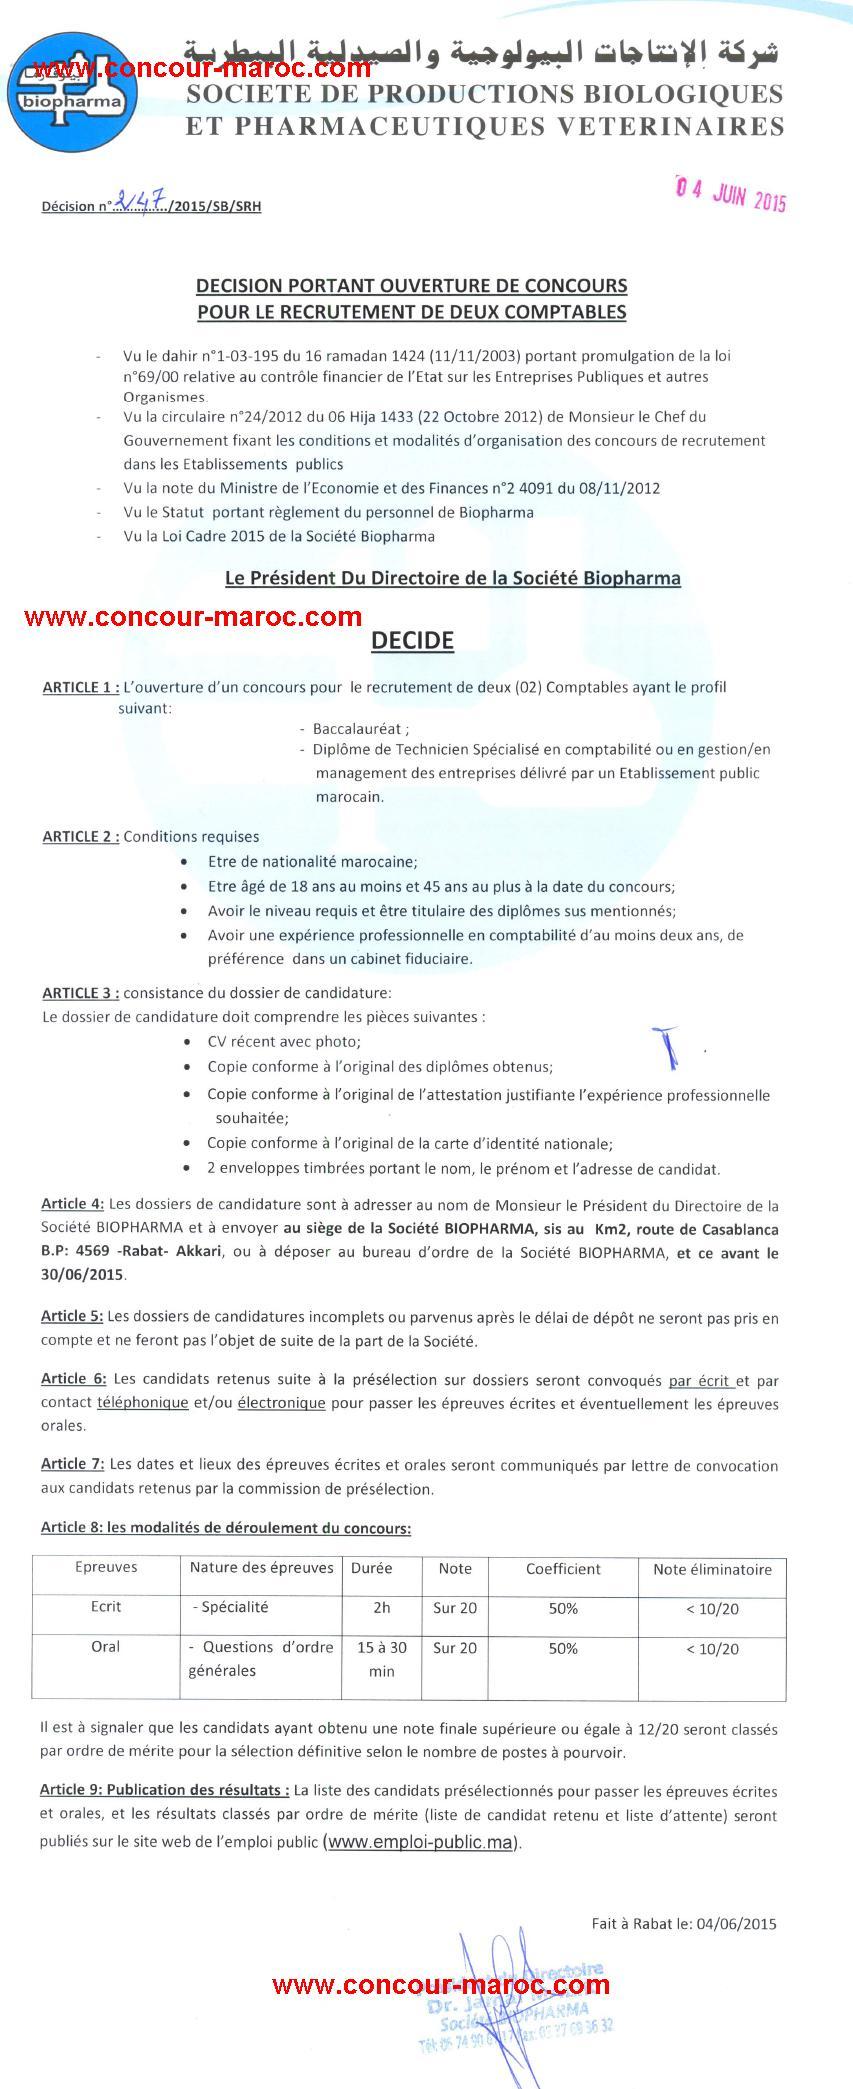 شركة الإنتاجات البيولوجية والصيدلية البيطرية (بيوفارما) : مباراة لتوظيف محاسب (2 منصبان) آخر أجل لإيداع الترشيحات 30 يونيو 2015 Concou11